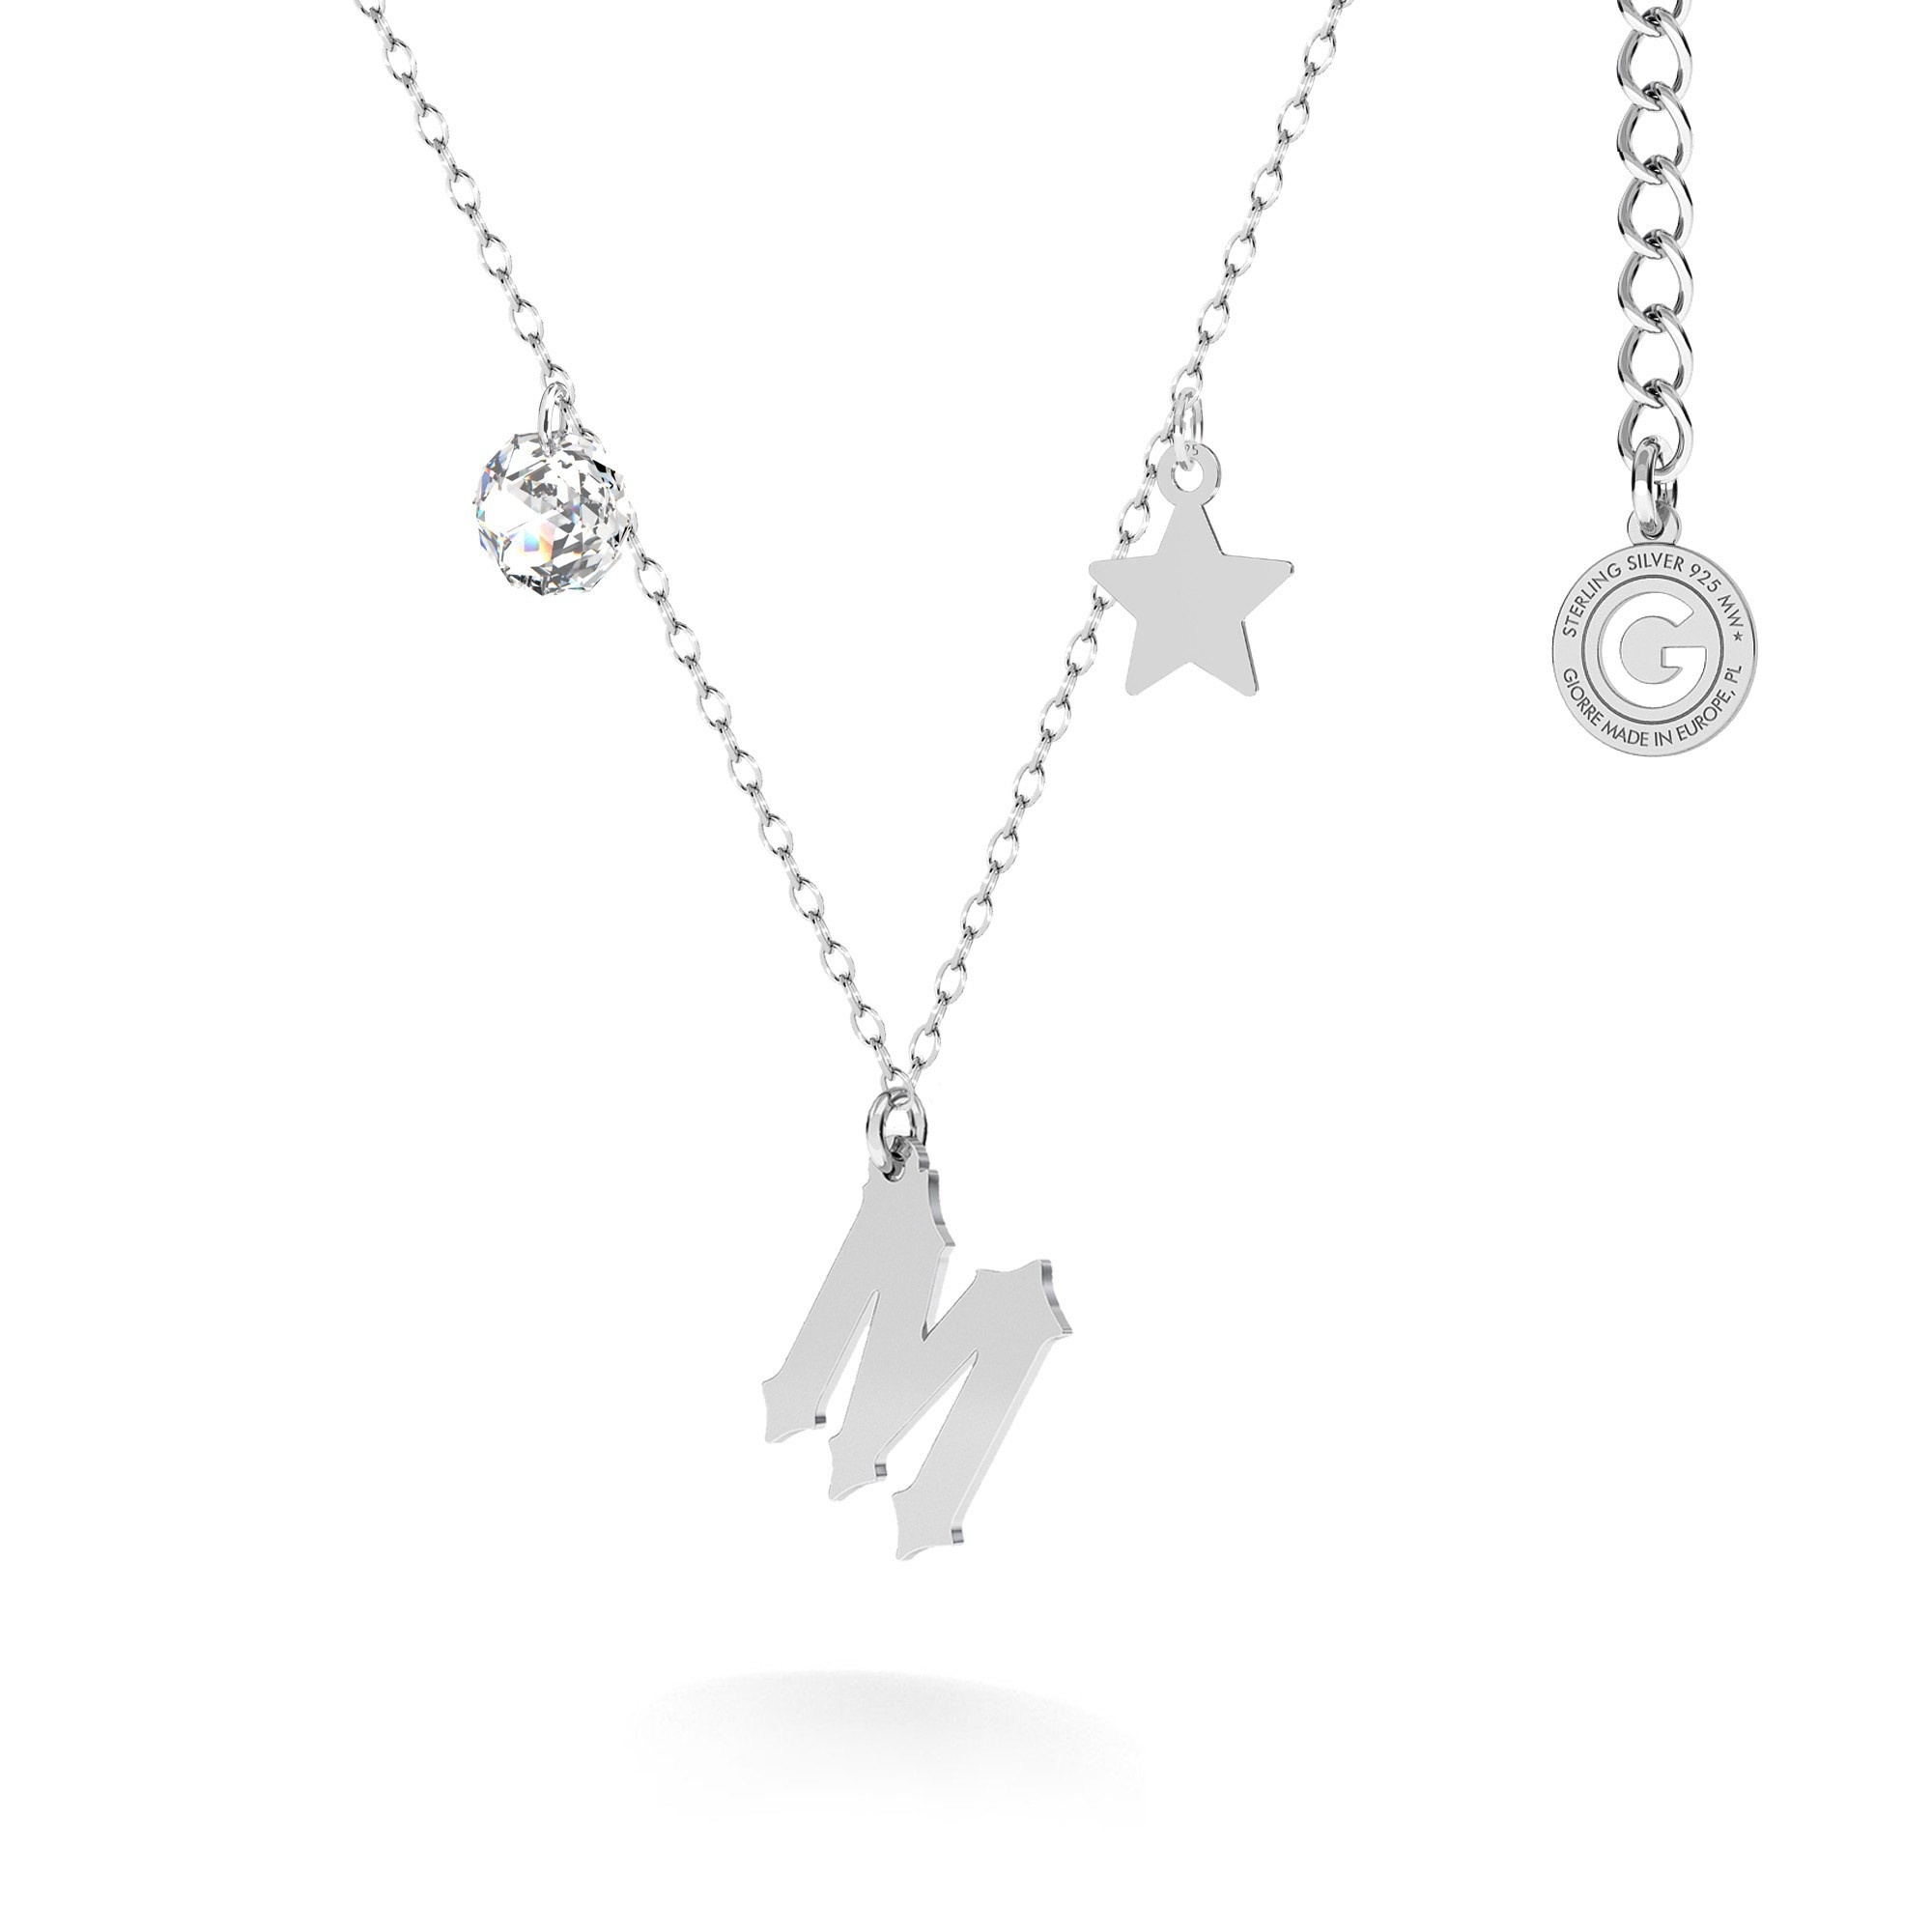 Naszyjnik z zawieszkami - dowolną literą, gwiazdką i kryształem Swarovski, MON DÉFI, srebro 925